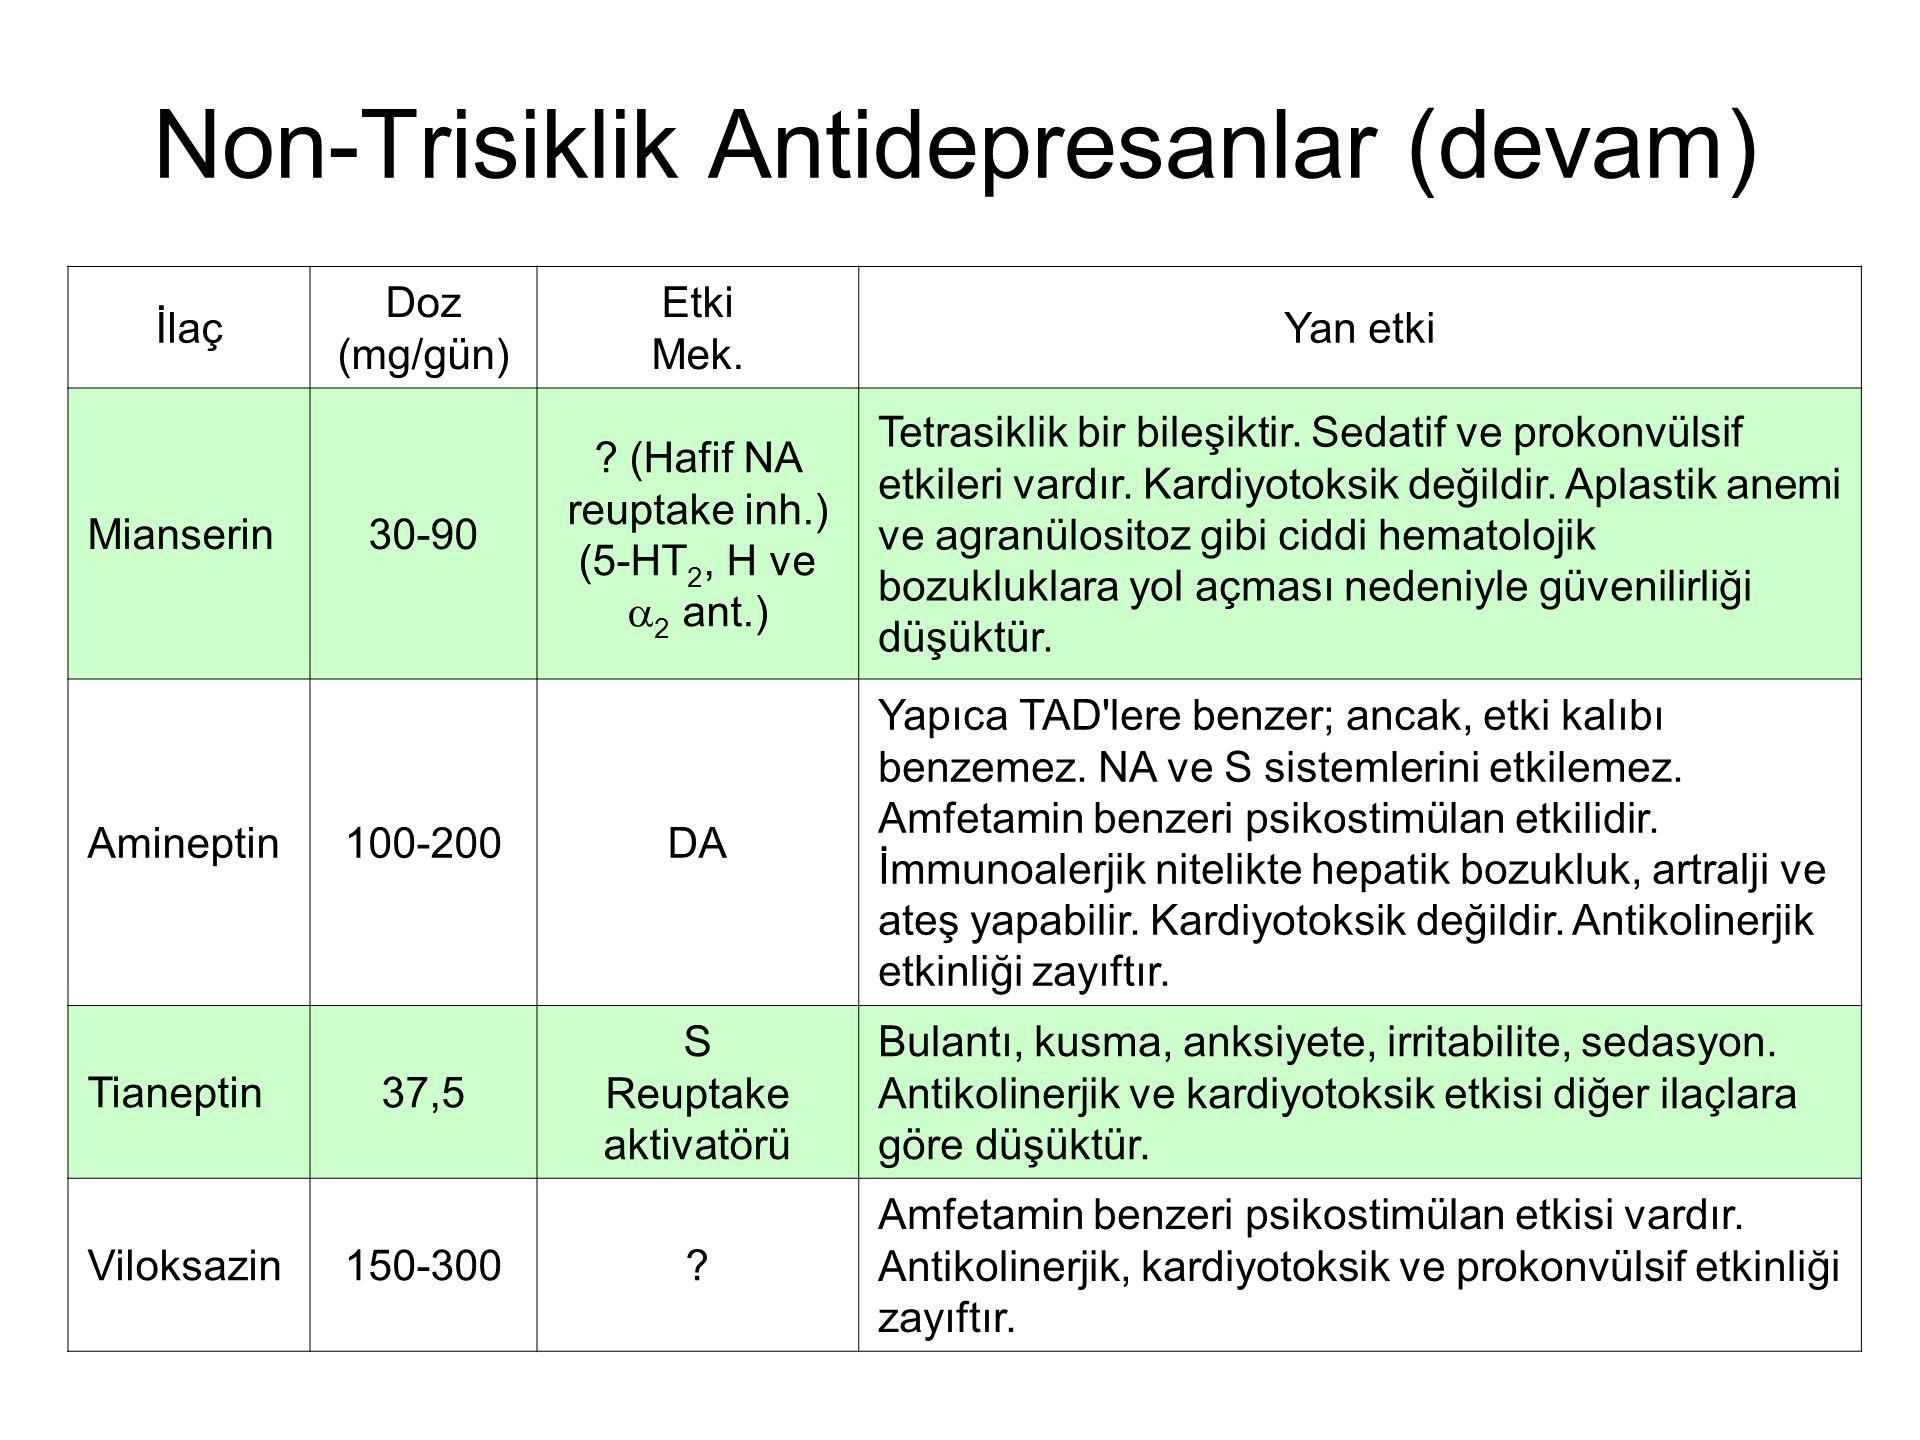 Non-Trisiklik Antidepresanlar (devam) İlaç Doz (mg/gün) Etki Mek. Yan etki Mianserin30-90 ? (Hafif NA reuptake inh.) (5-HT 2, H ve  2 ant.) Tetrasikl